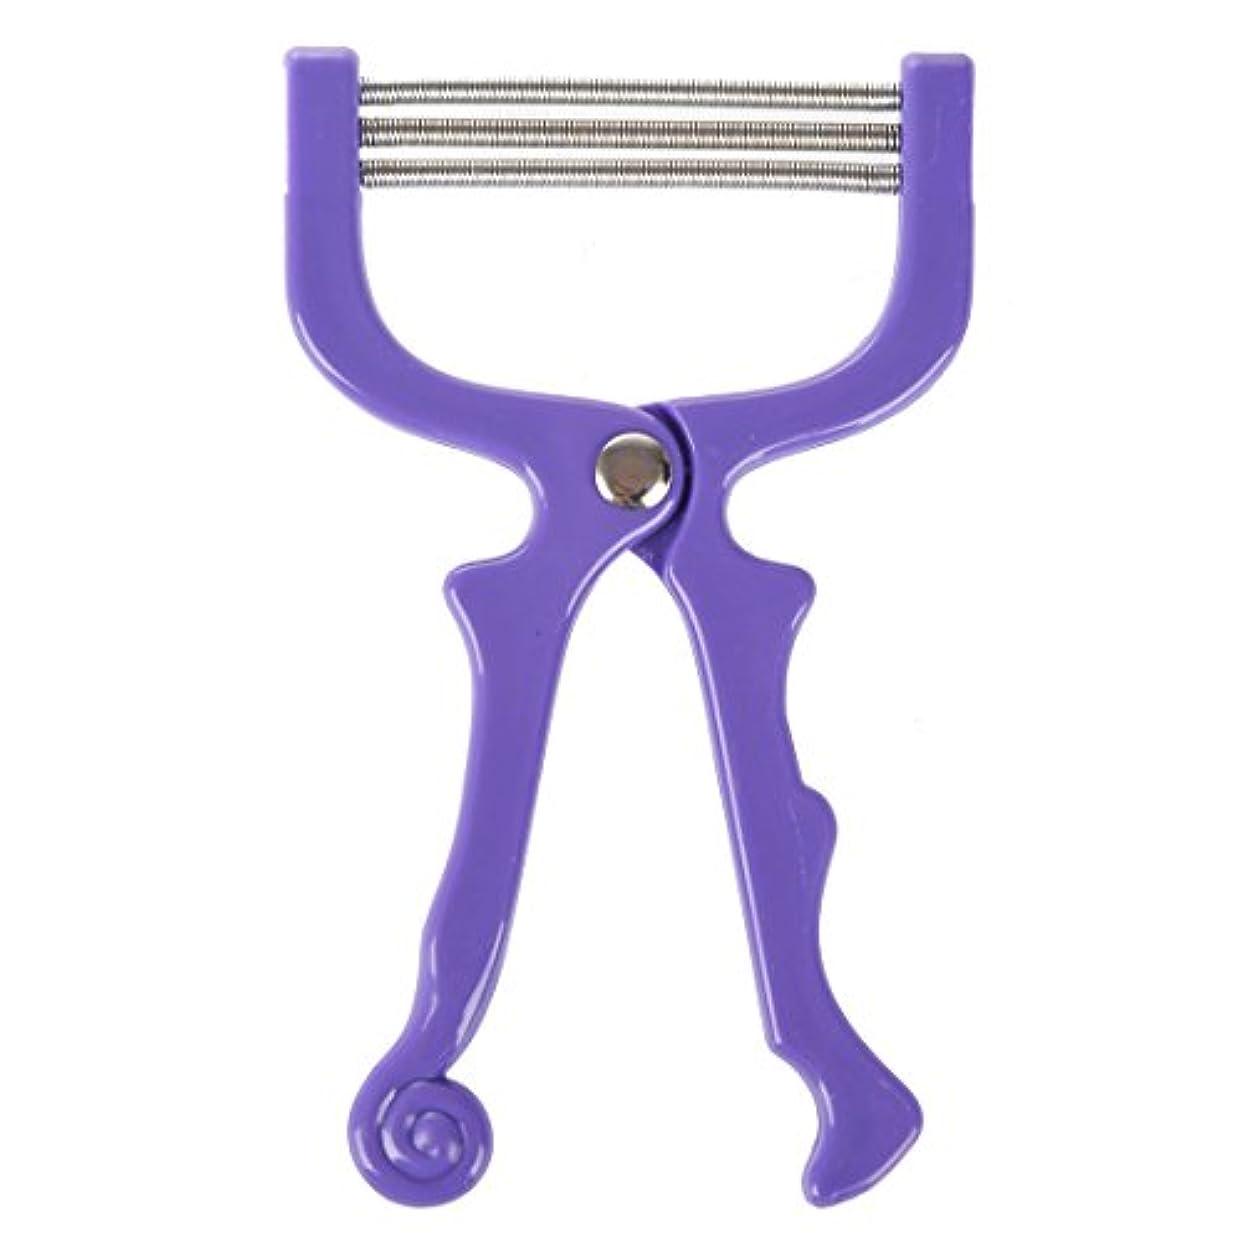 納屋一般的な持参AFBEST ハンドヘルドひげ脱毛スレッディング美容脱毛器ツール